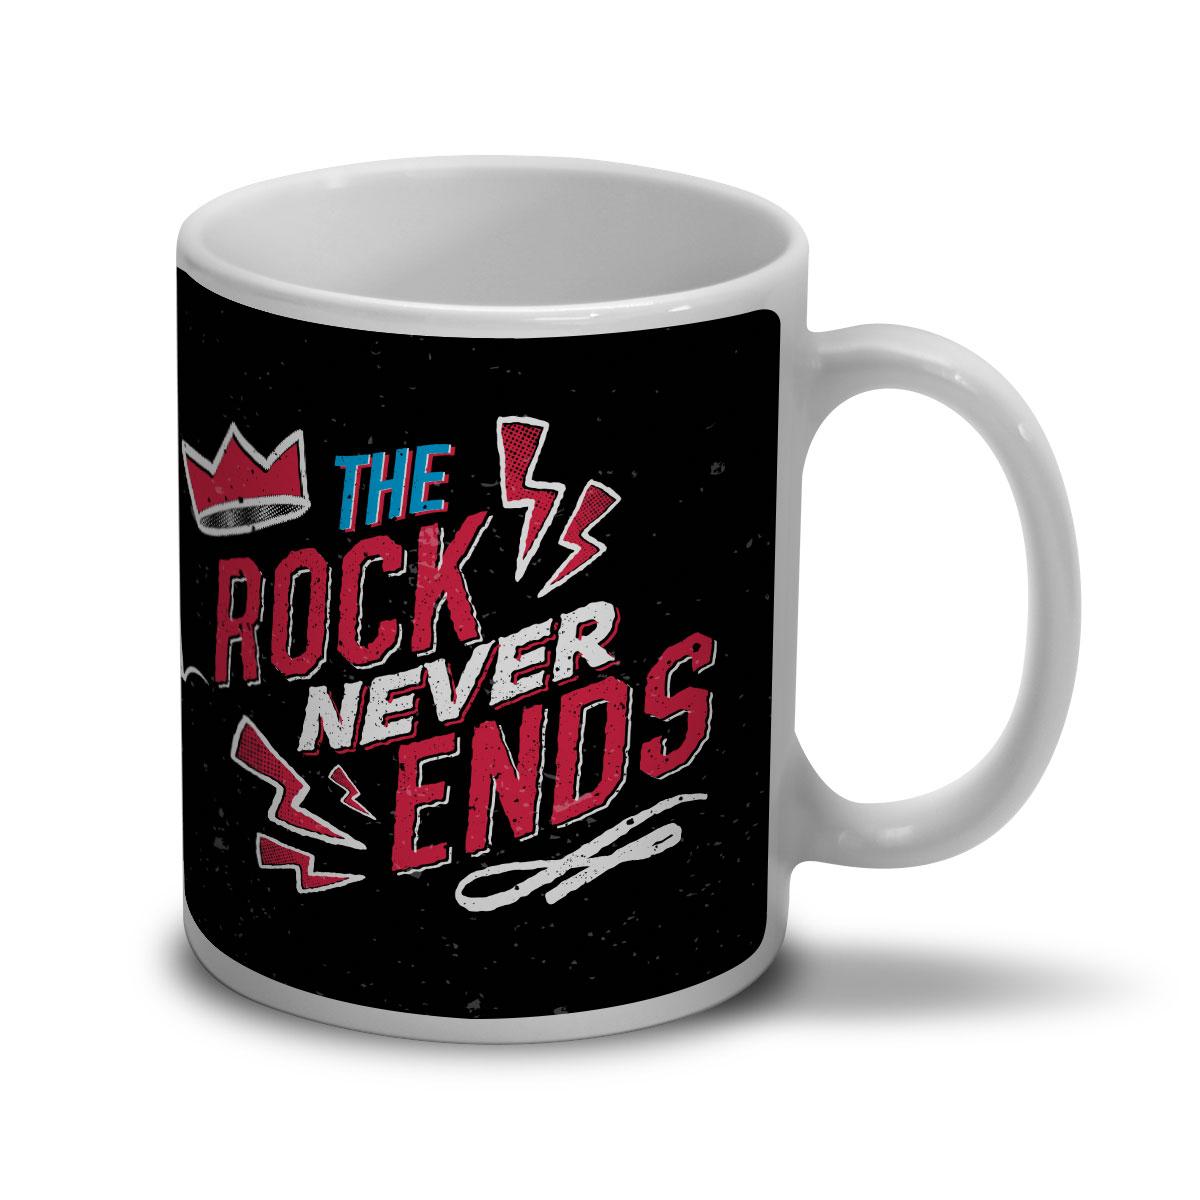 Caneca 89FM A Rádio Rock 30 Anos The Rock Never Ends